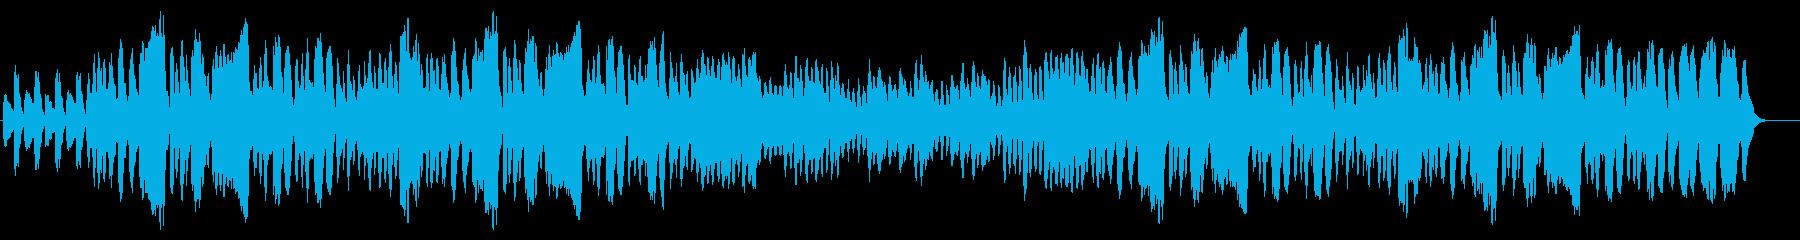 【フルート】葦笛の踊り「くるみ割り人形」の再生済みの波形